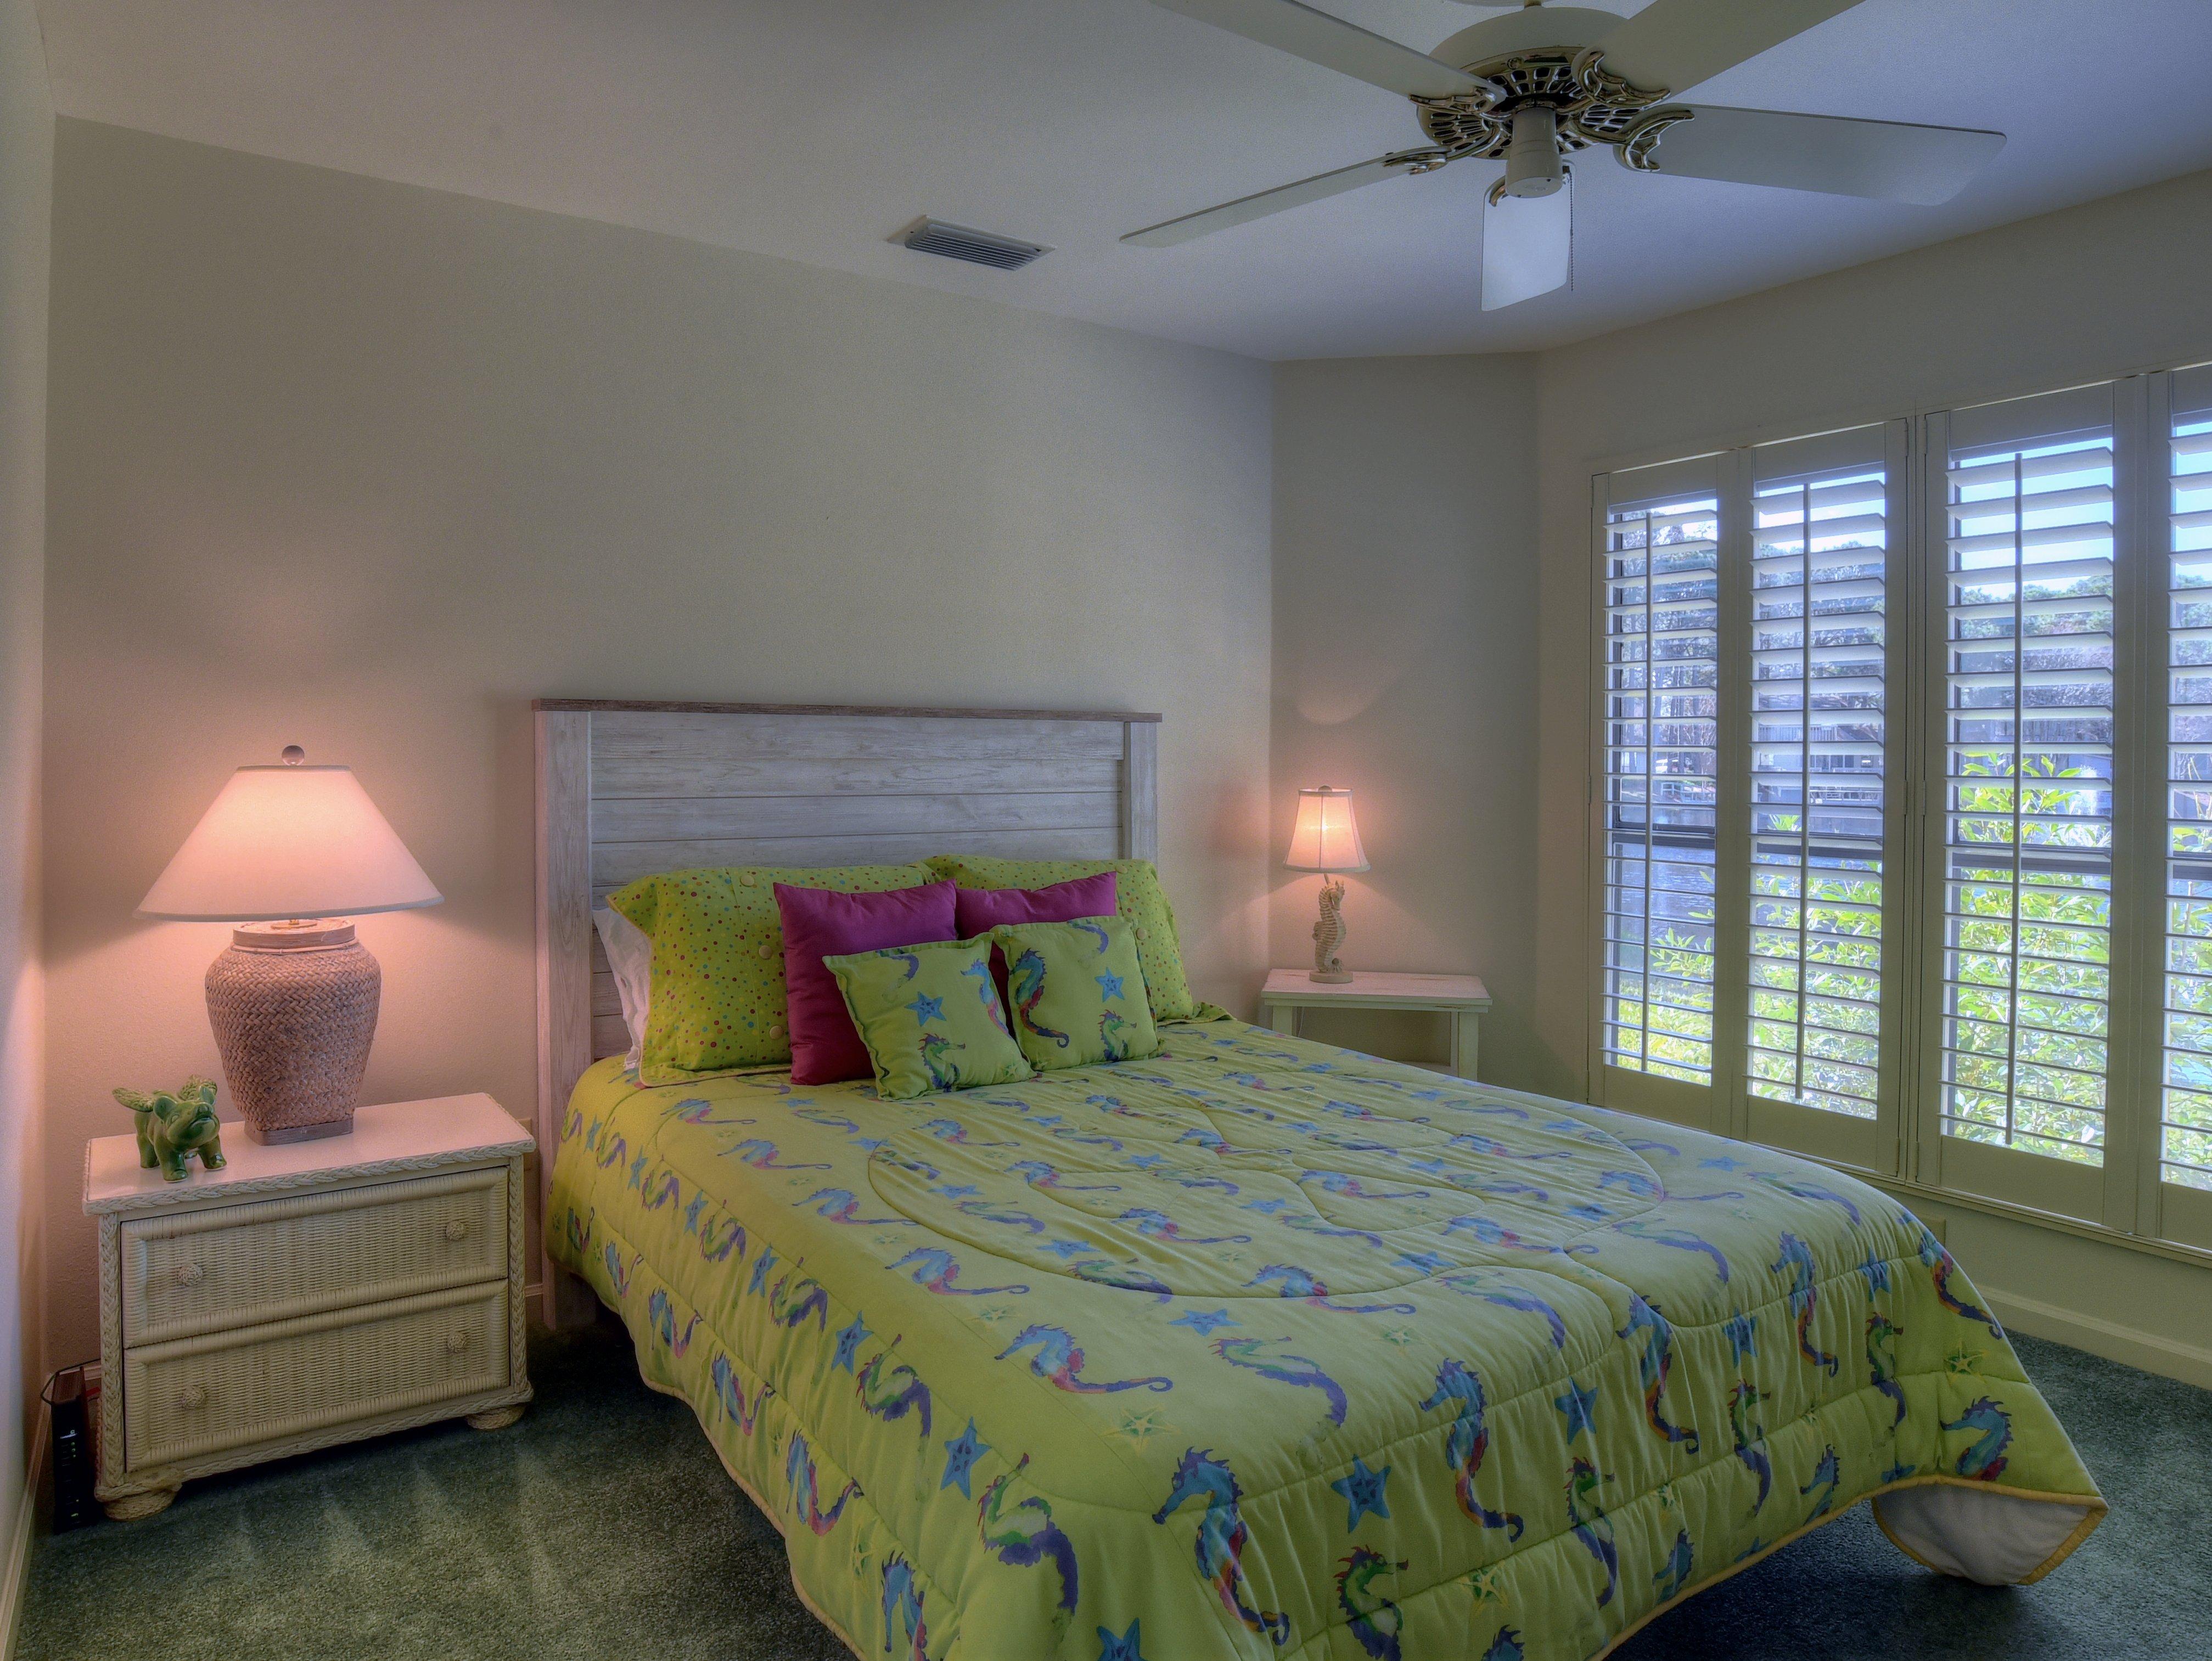 205 Fairways Condo rental in Sandestin Rentals ~ Cottages and Villas  in Destin Florida - #12